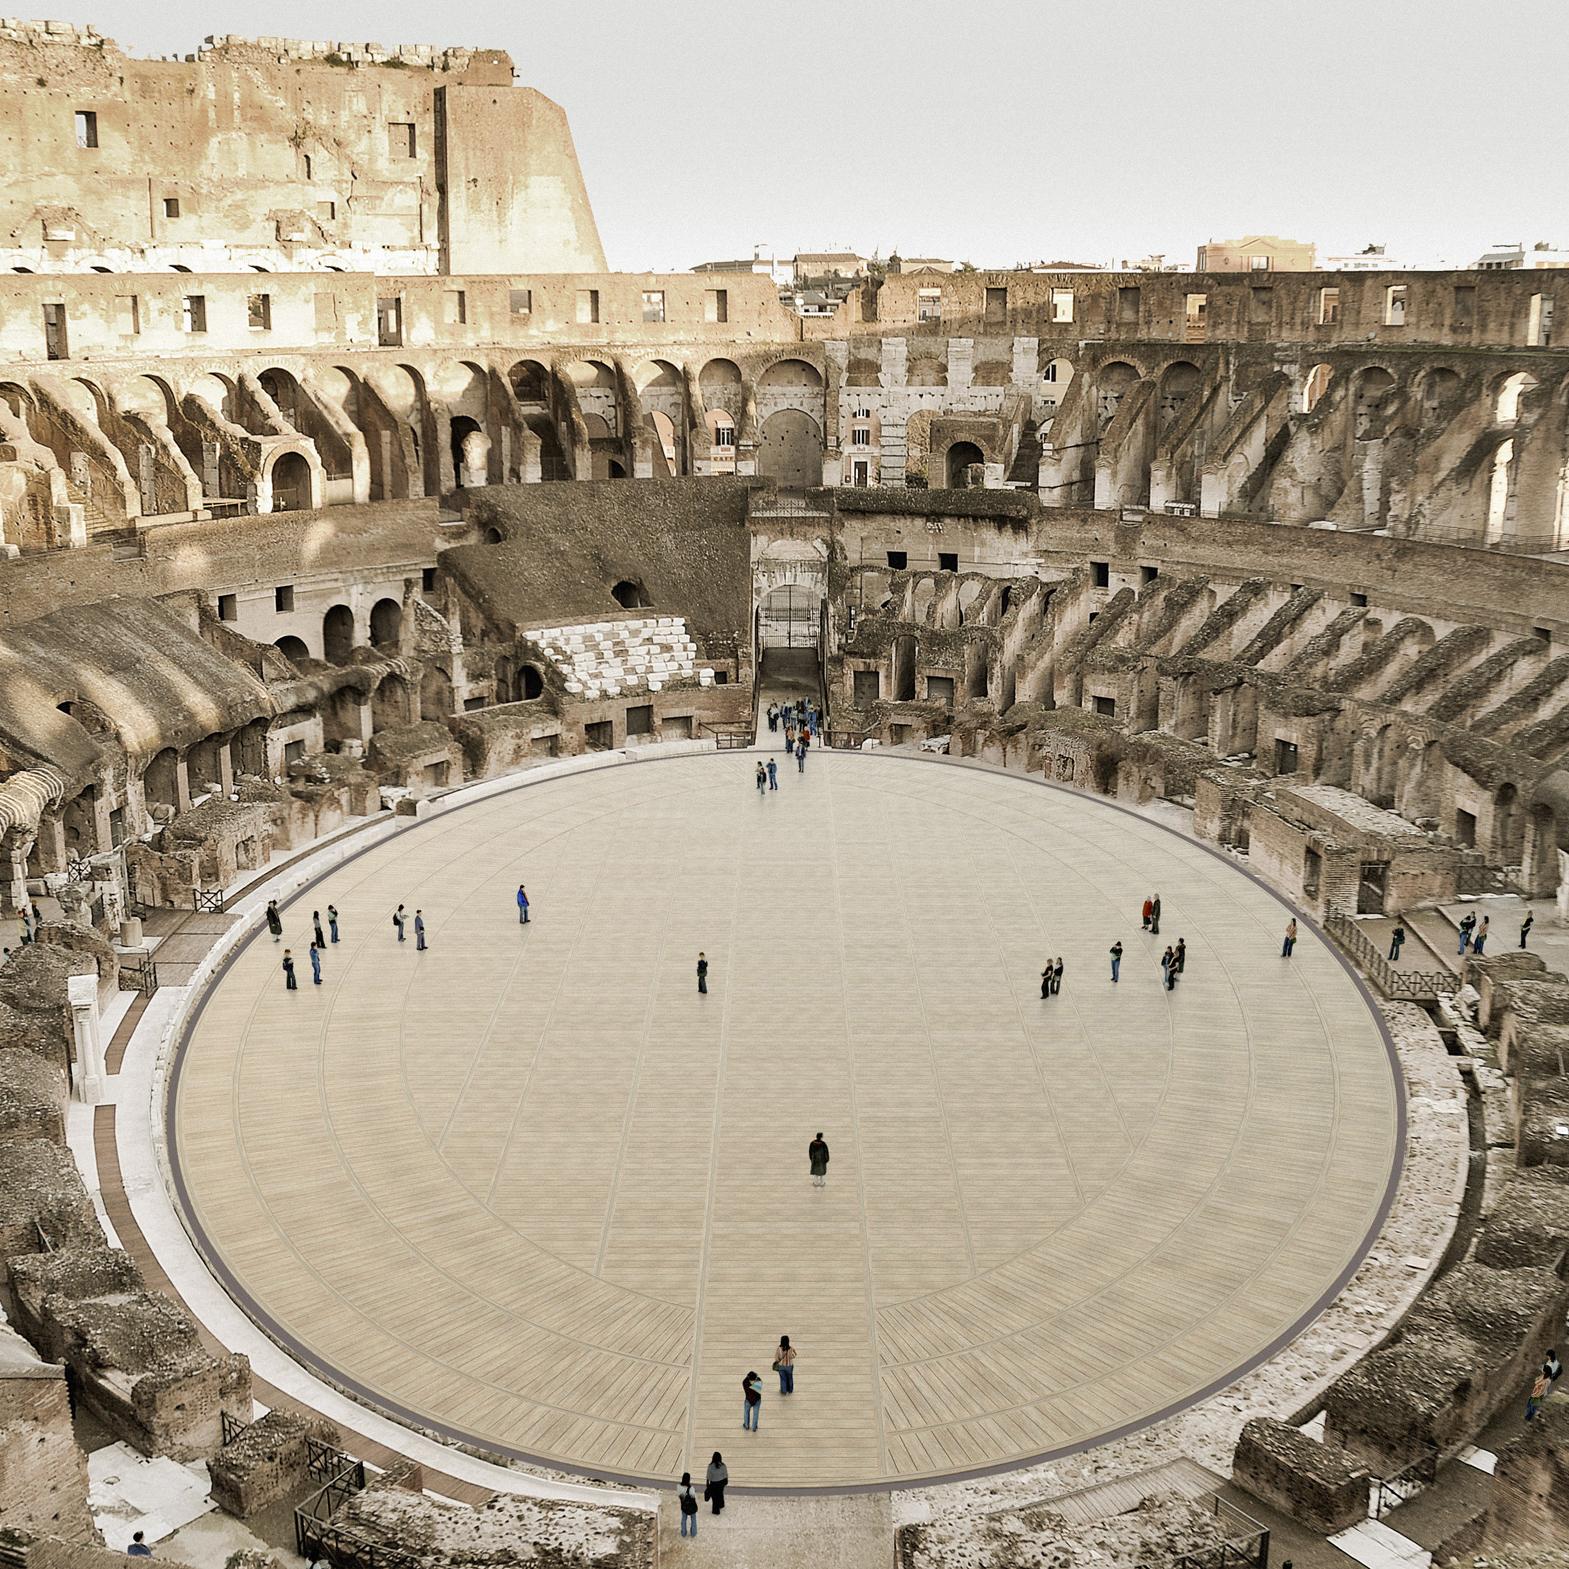 Piso retrátil permitirá aos turistas chegarem ao centro da arena.